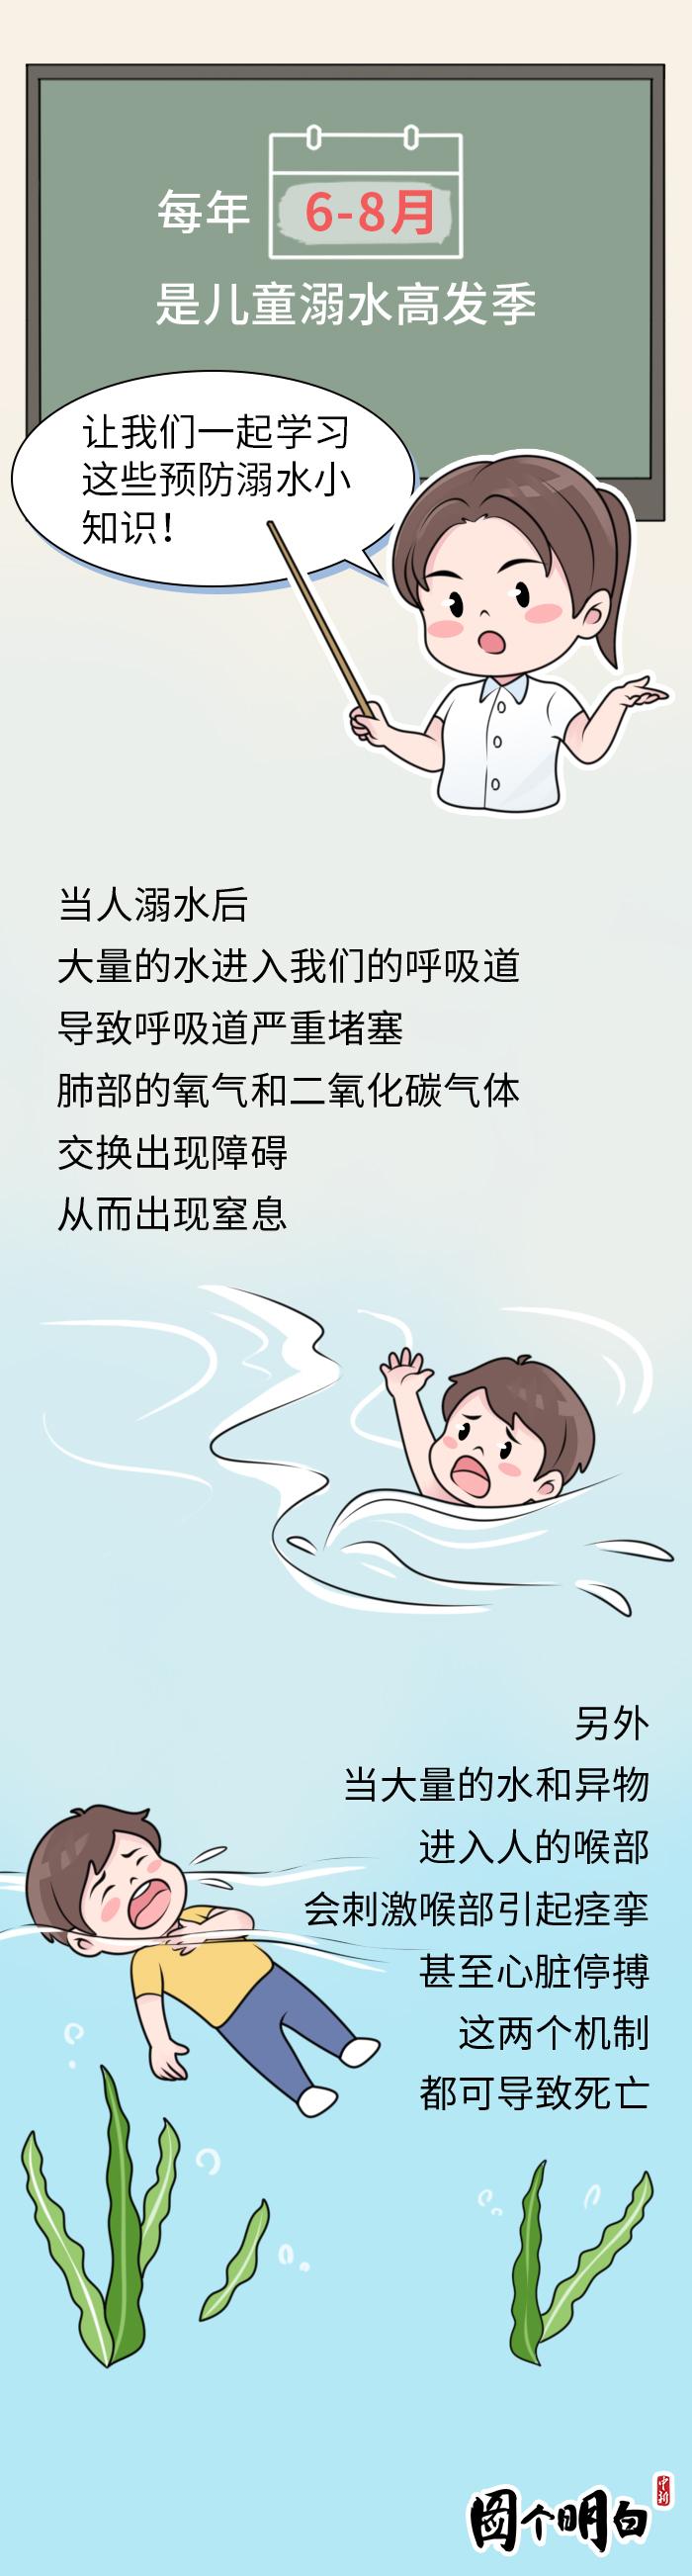 防溺水,这些知识要知道!